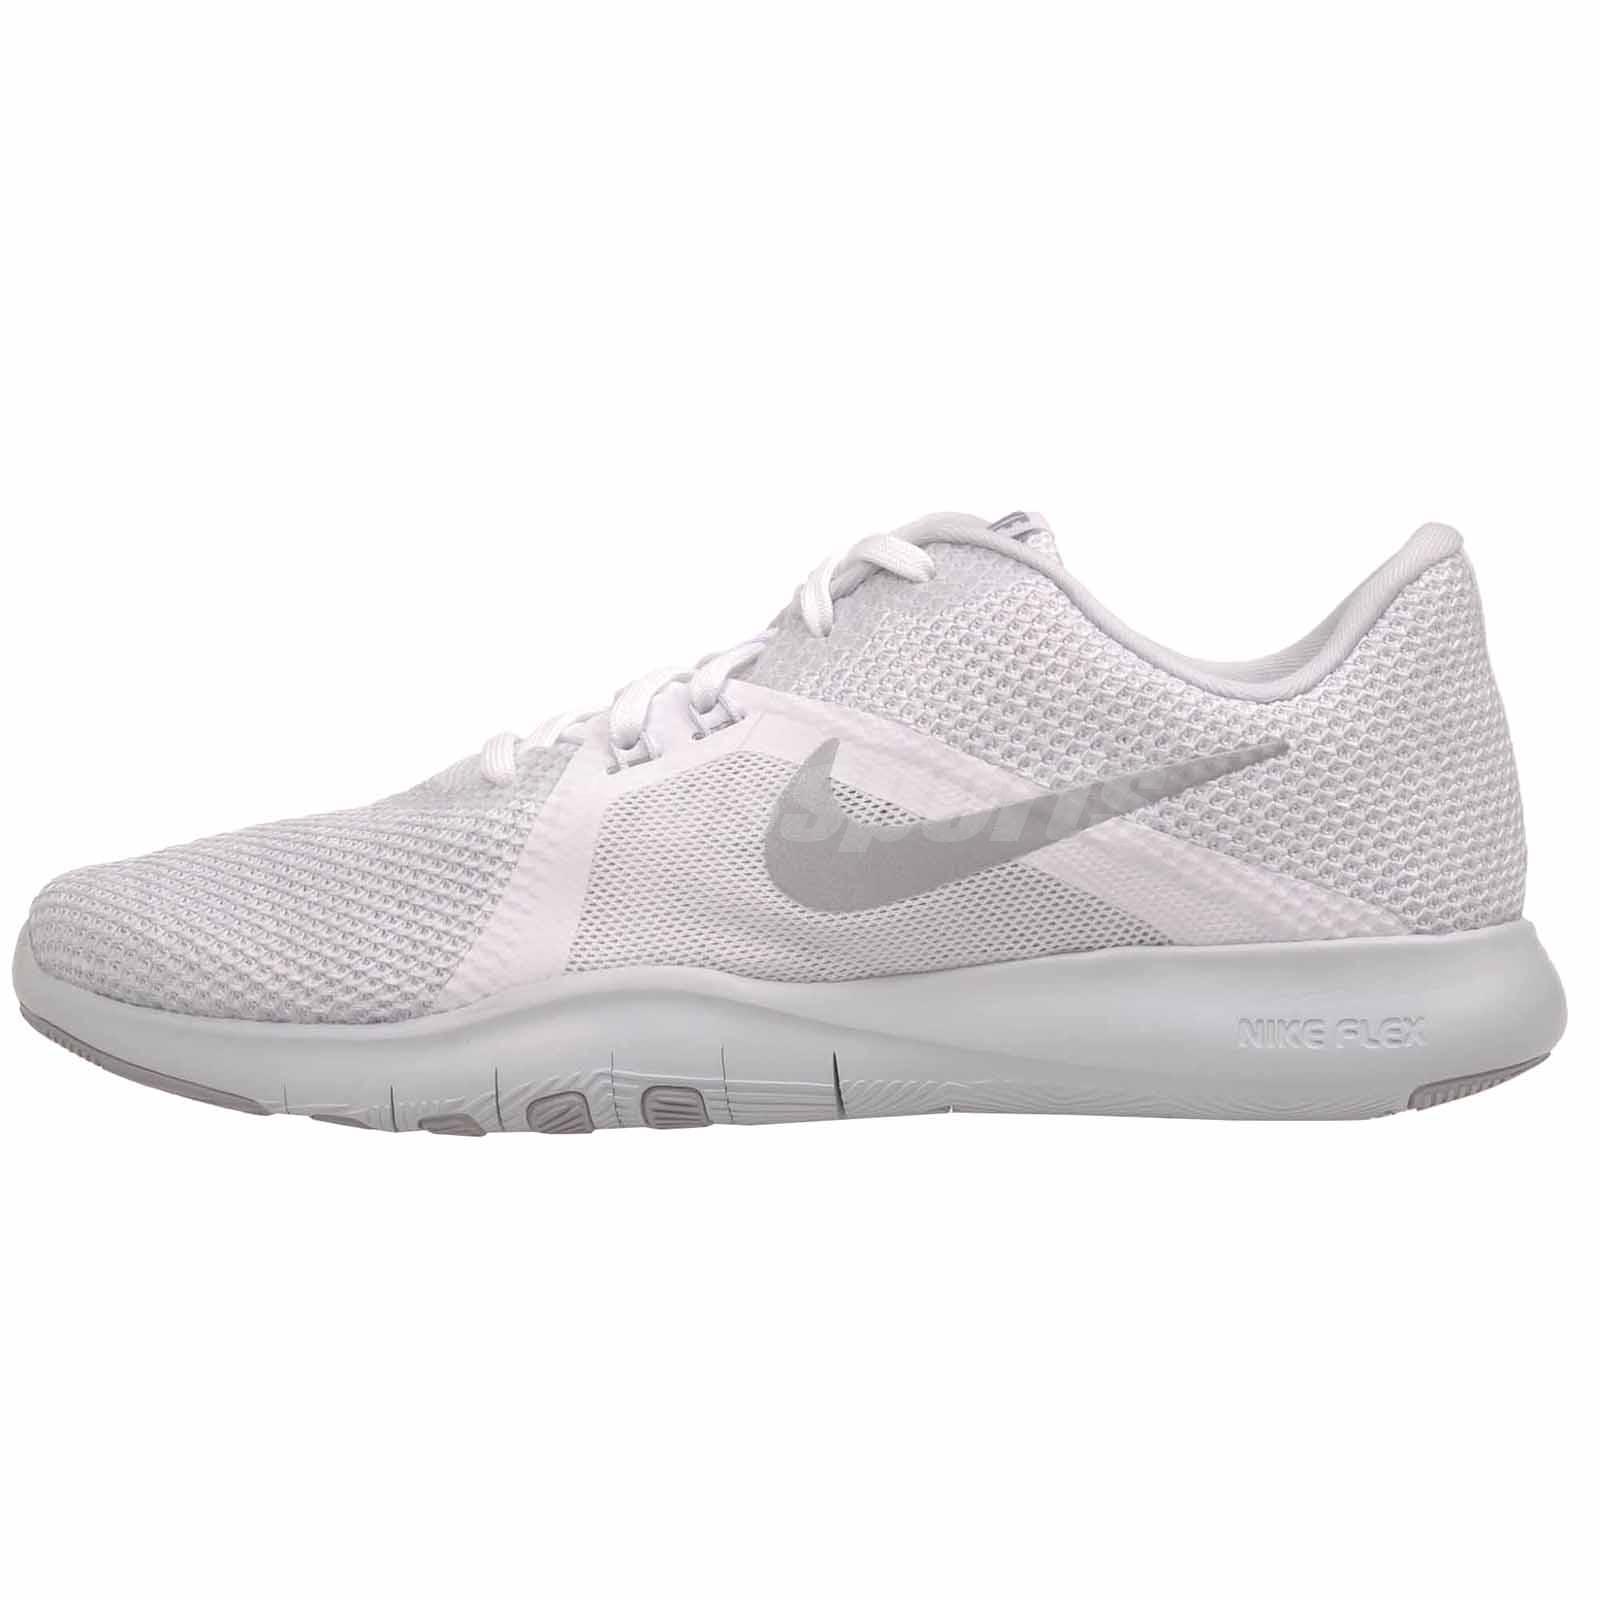 Nike W Flex Trainer 8 Cross Training Womens Shoes White Silver 924339-100 847df888ac2